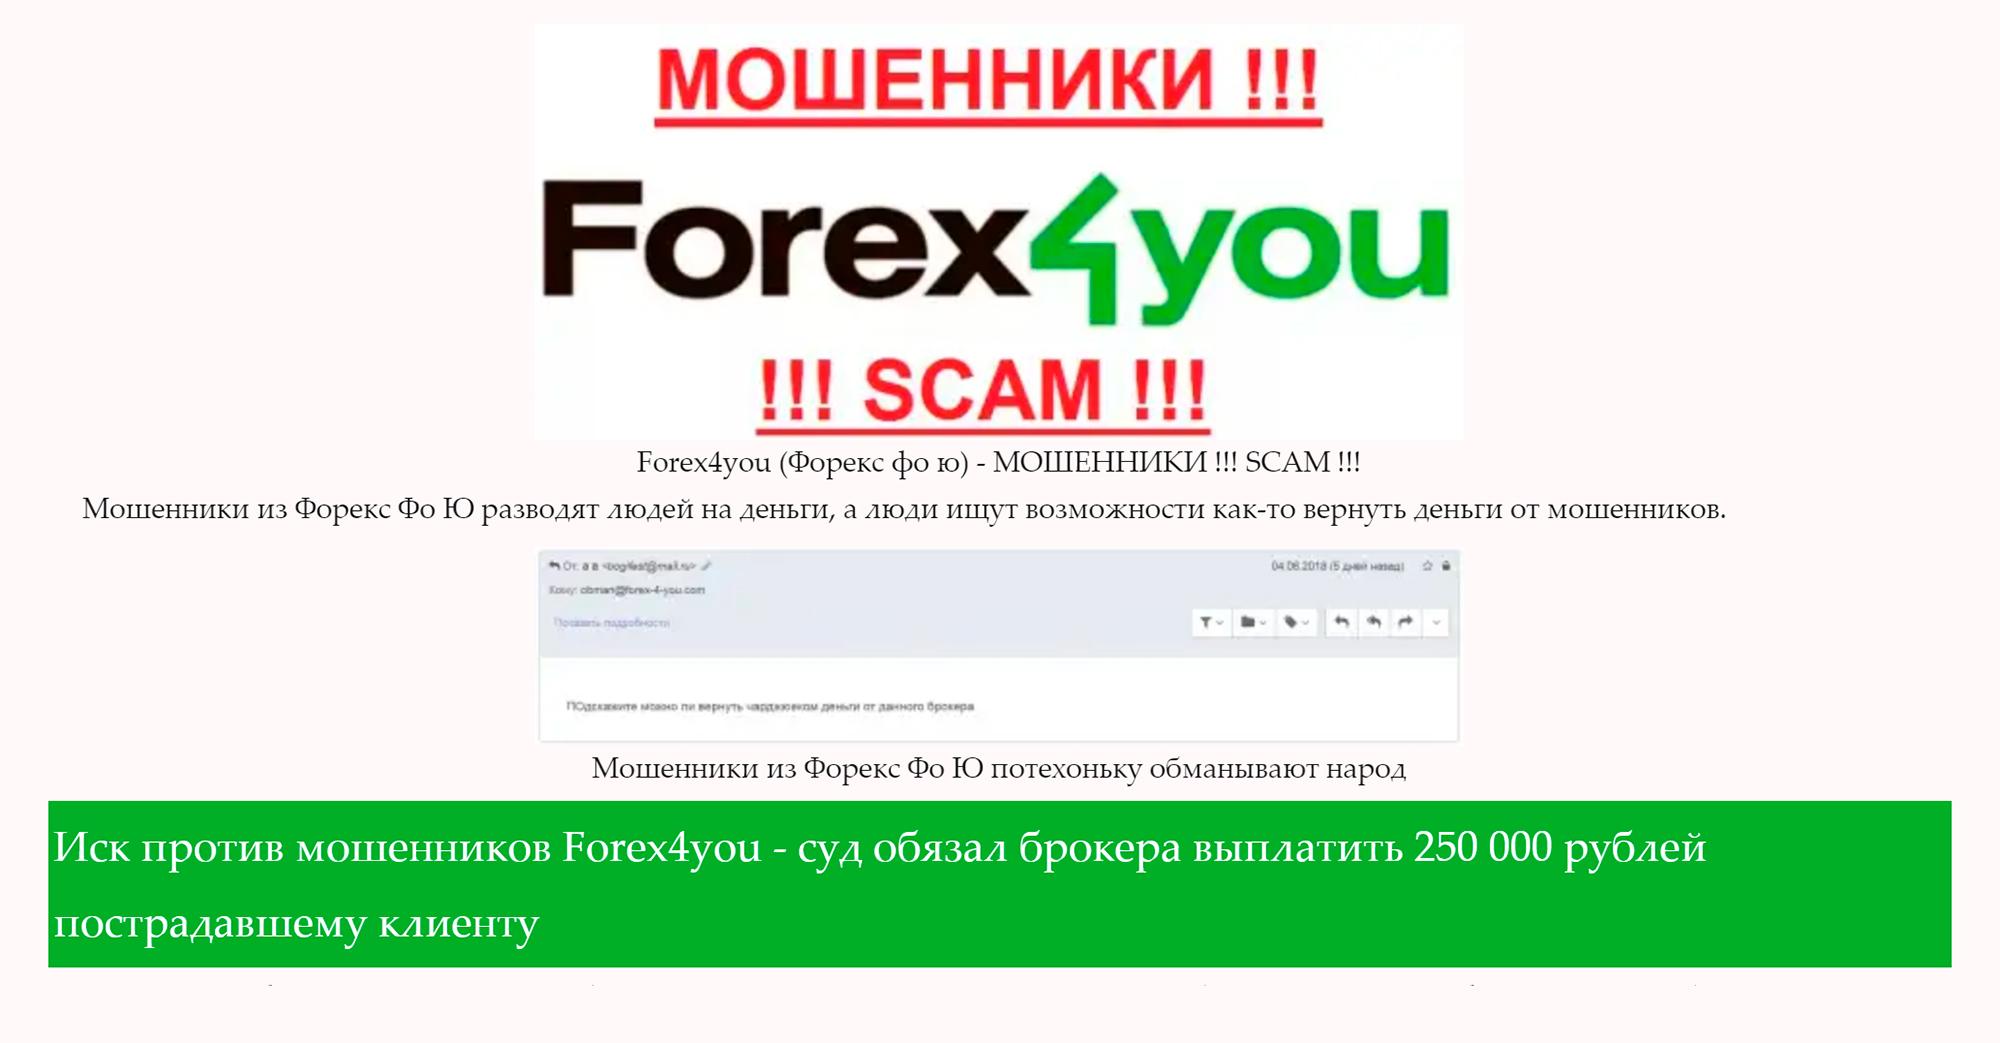 Сайт forex-4-you.com пишет, что брокер с одноименным названием судился со своим клиентом и проиграл